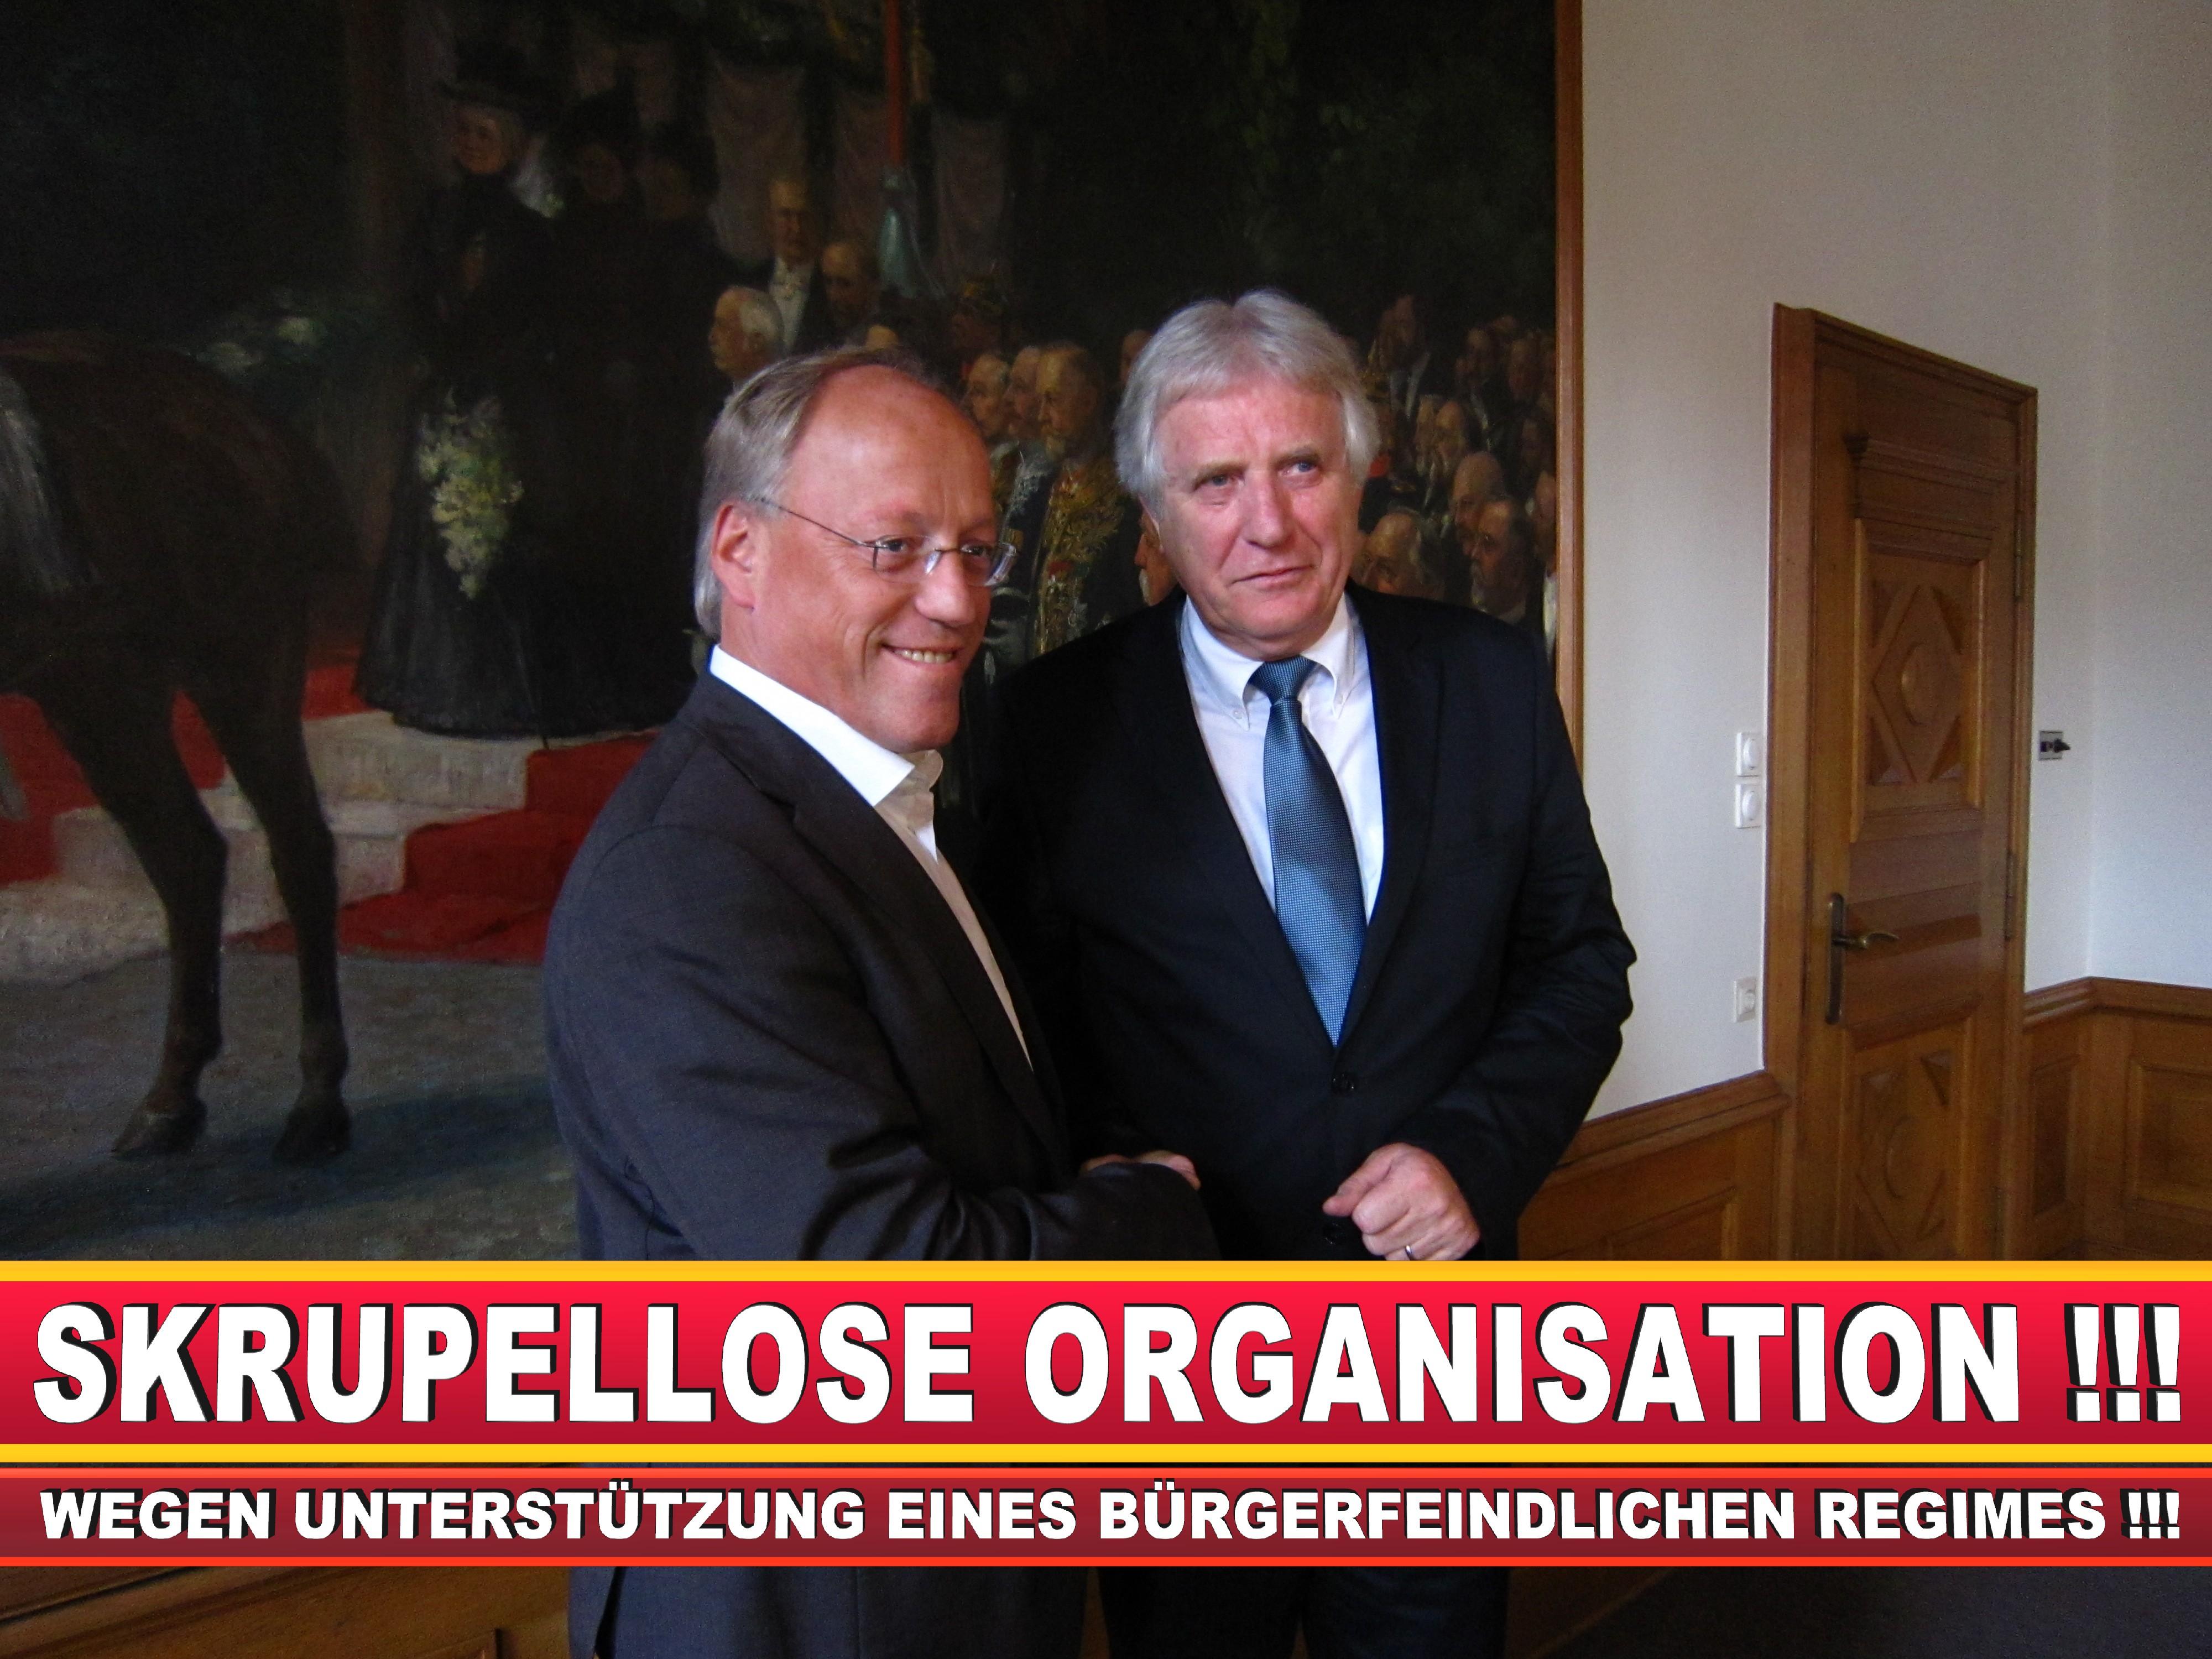 Polizeipräsident Erwin Südfeld Bielefeld Oberbürgermeister Bürgermeister Peter Clausen Pit Clausen Bielefeld (57)